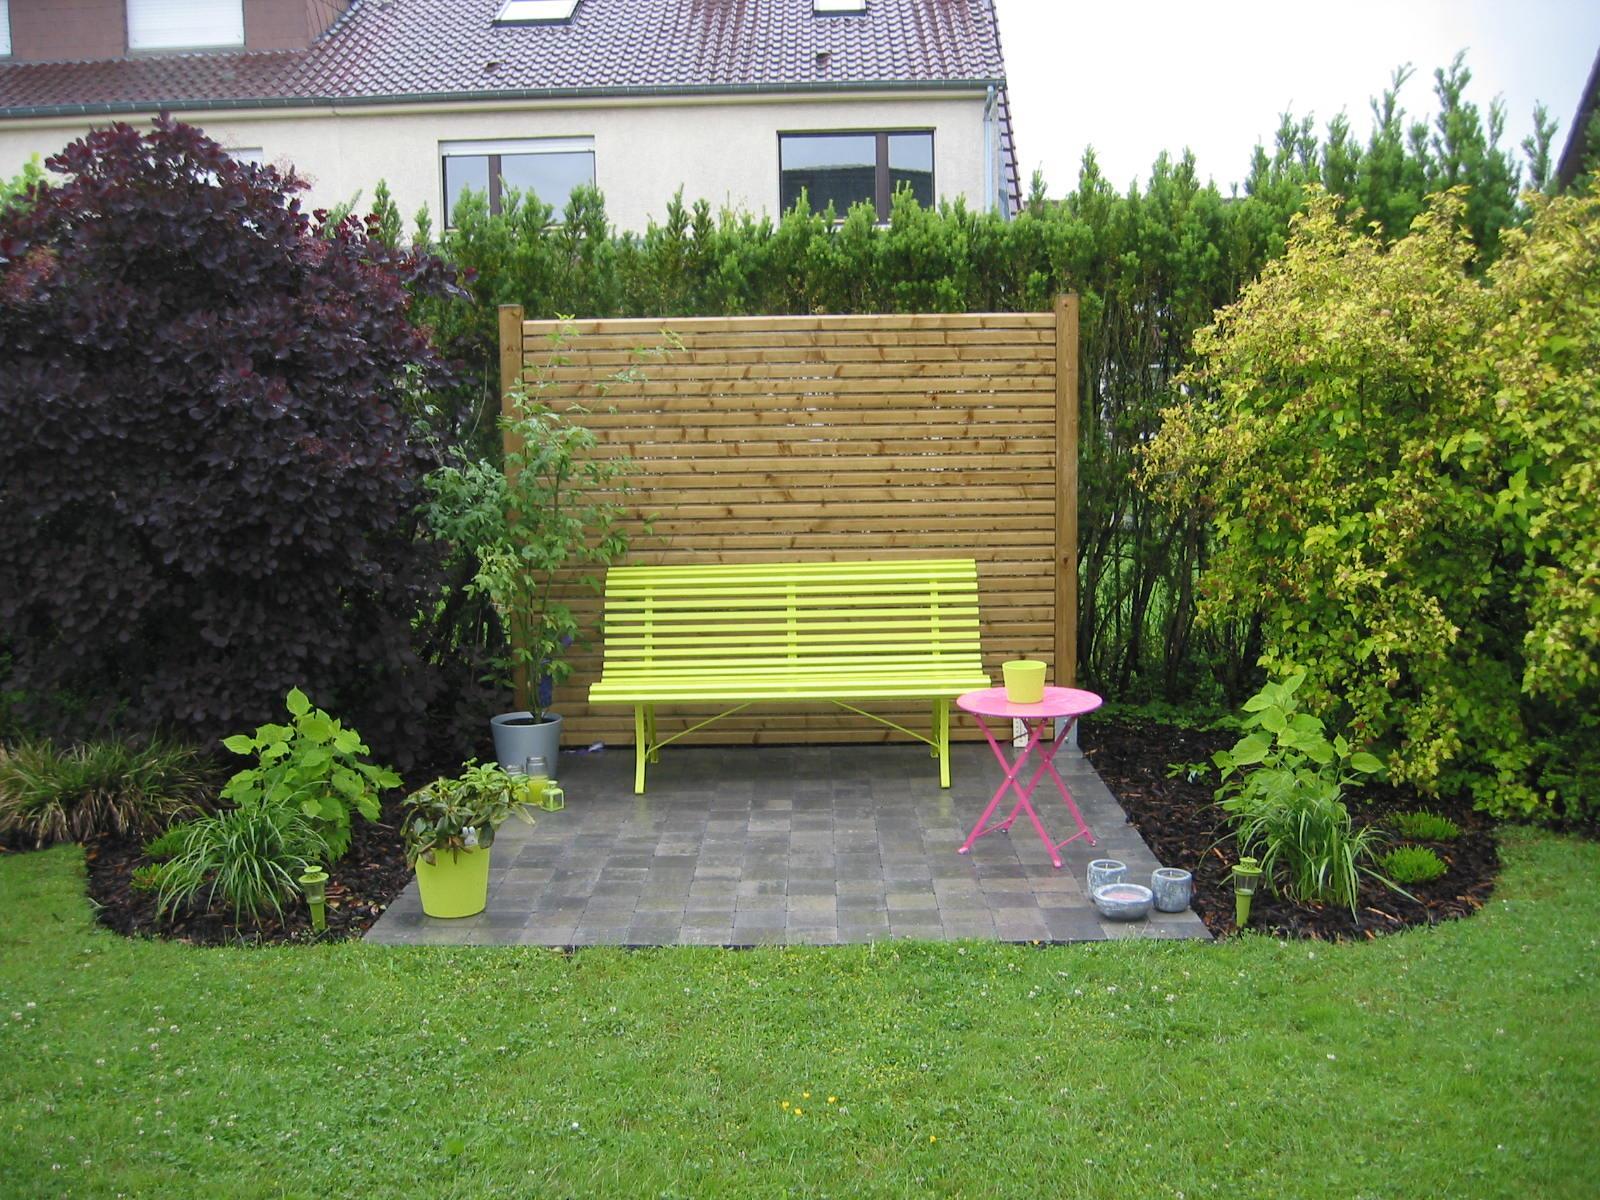 Jardin du soleil jardin jardinier editus for Jardin soleil